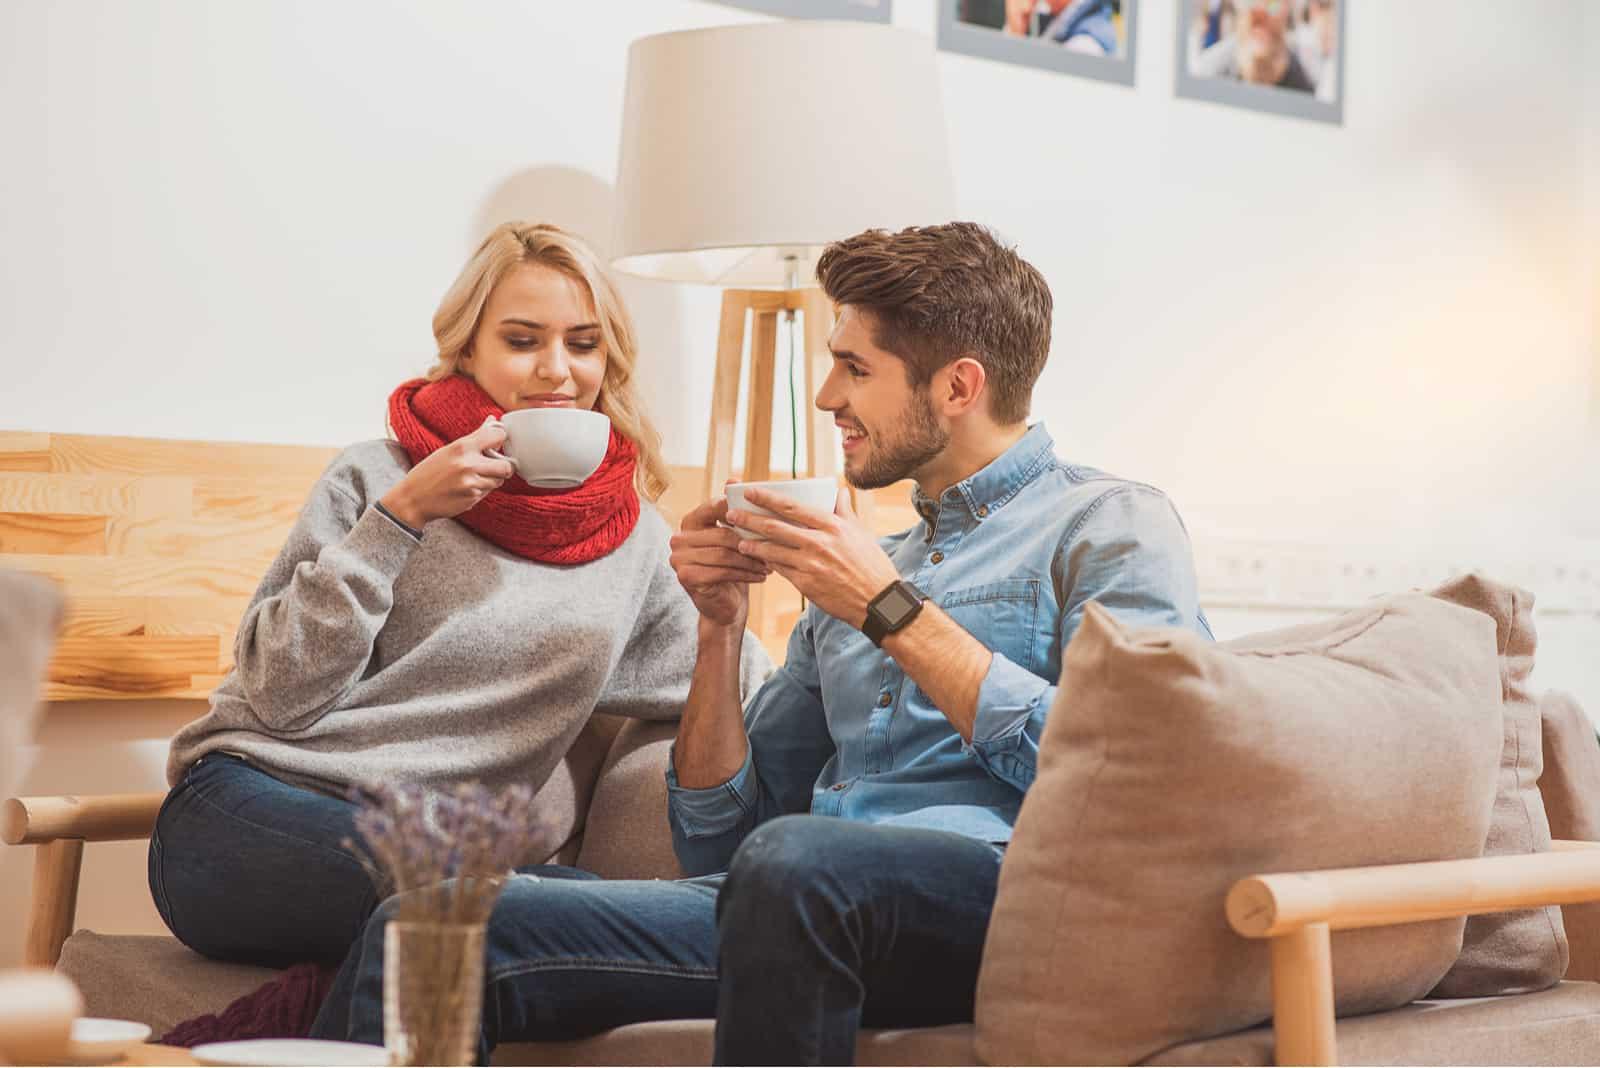 un homme et une femme sont assis sur le canapé en train de boire du café